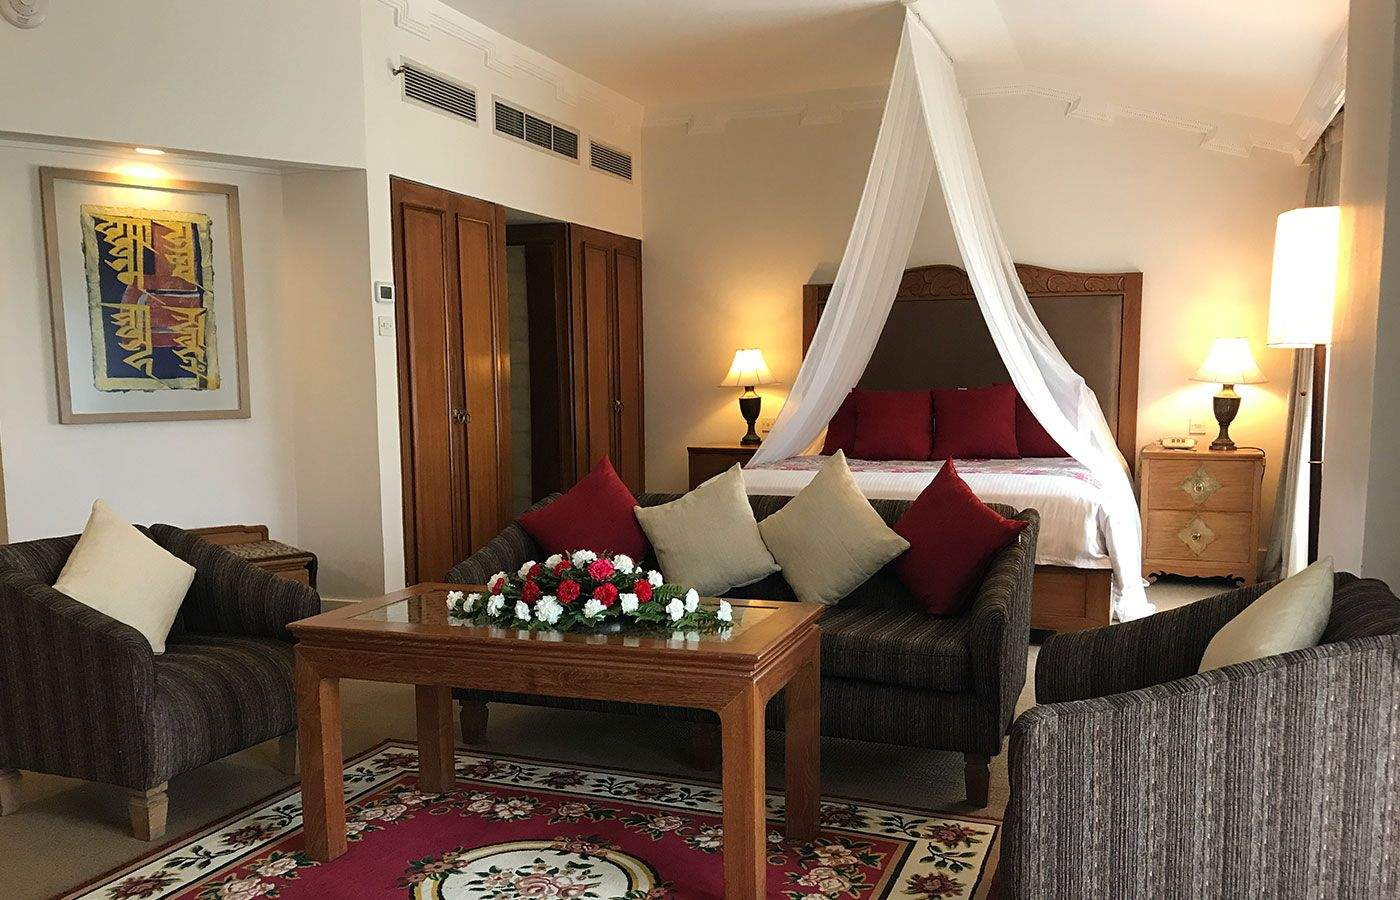 Hotel%20Yak%20And%20Yeti%20Kathmandu%20business-suite.jpeg